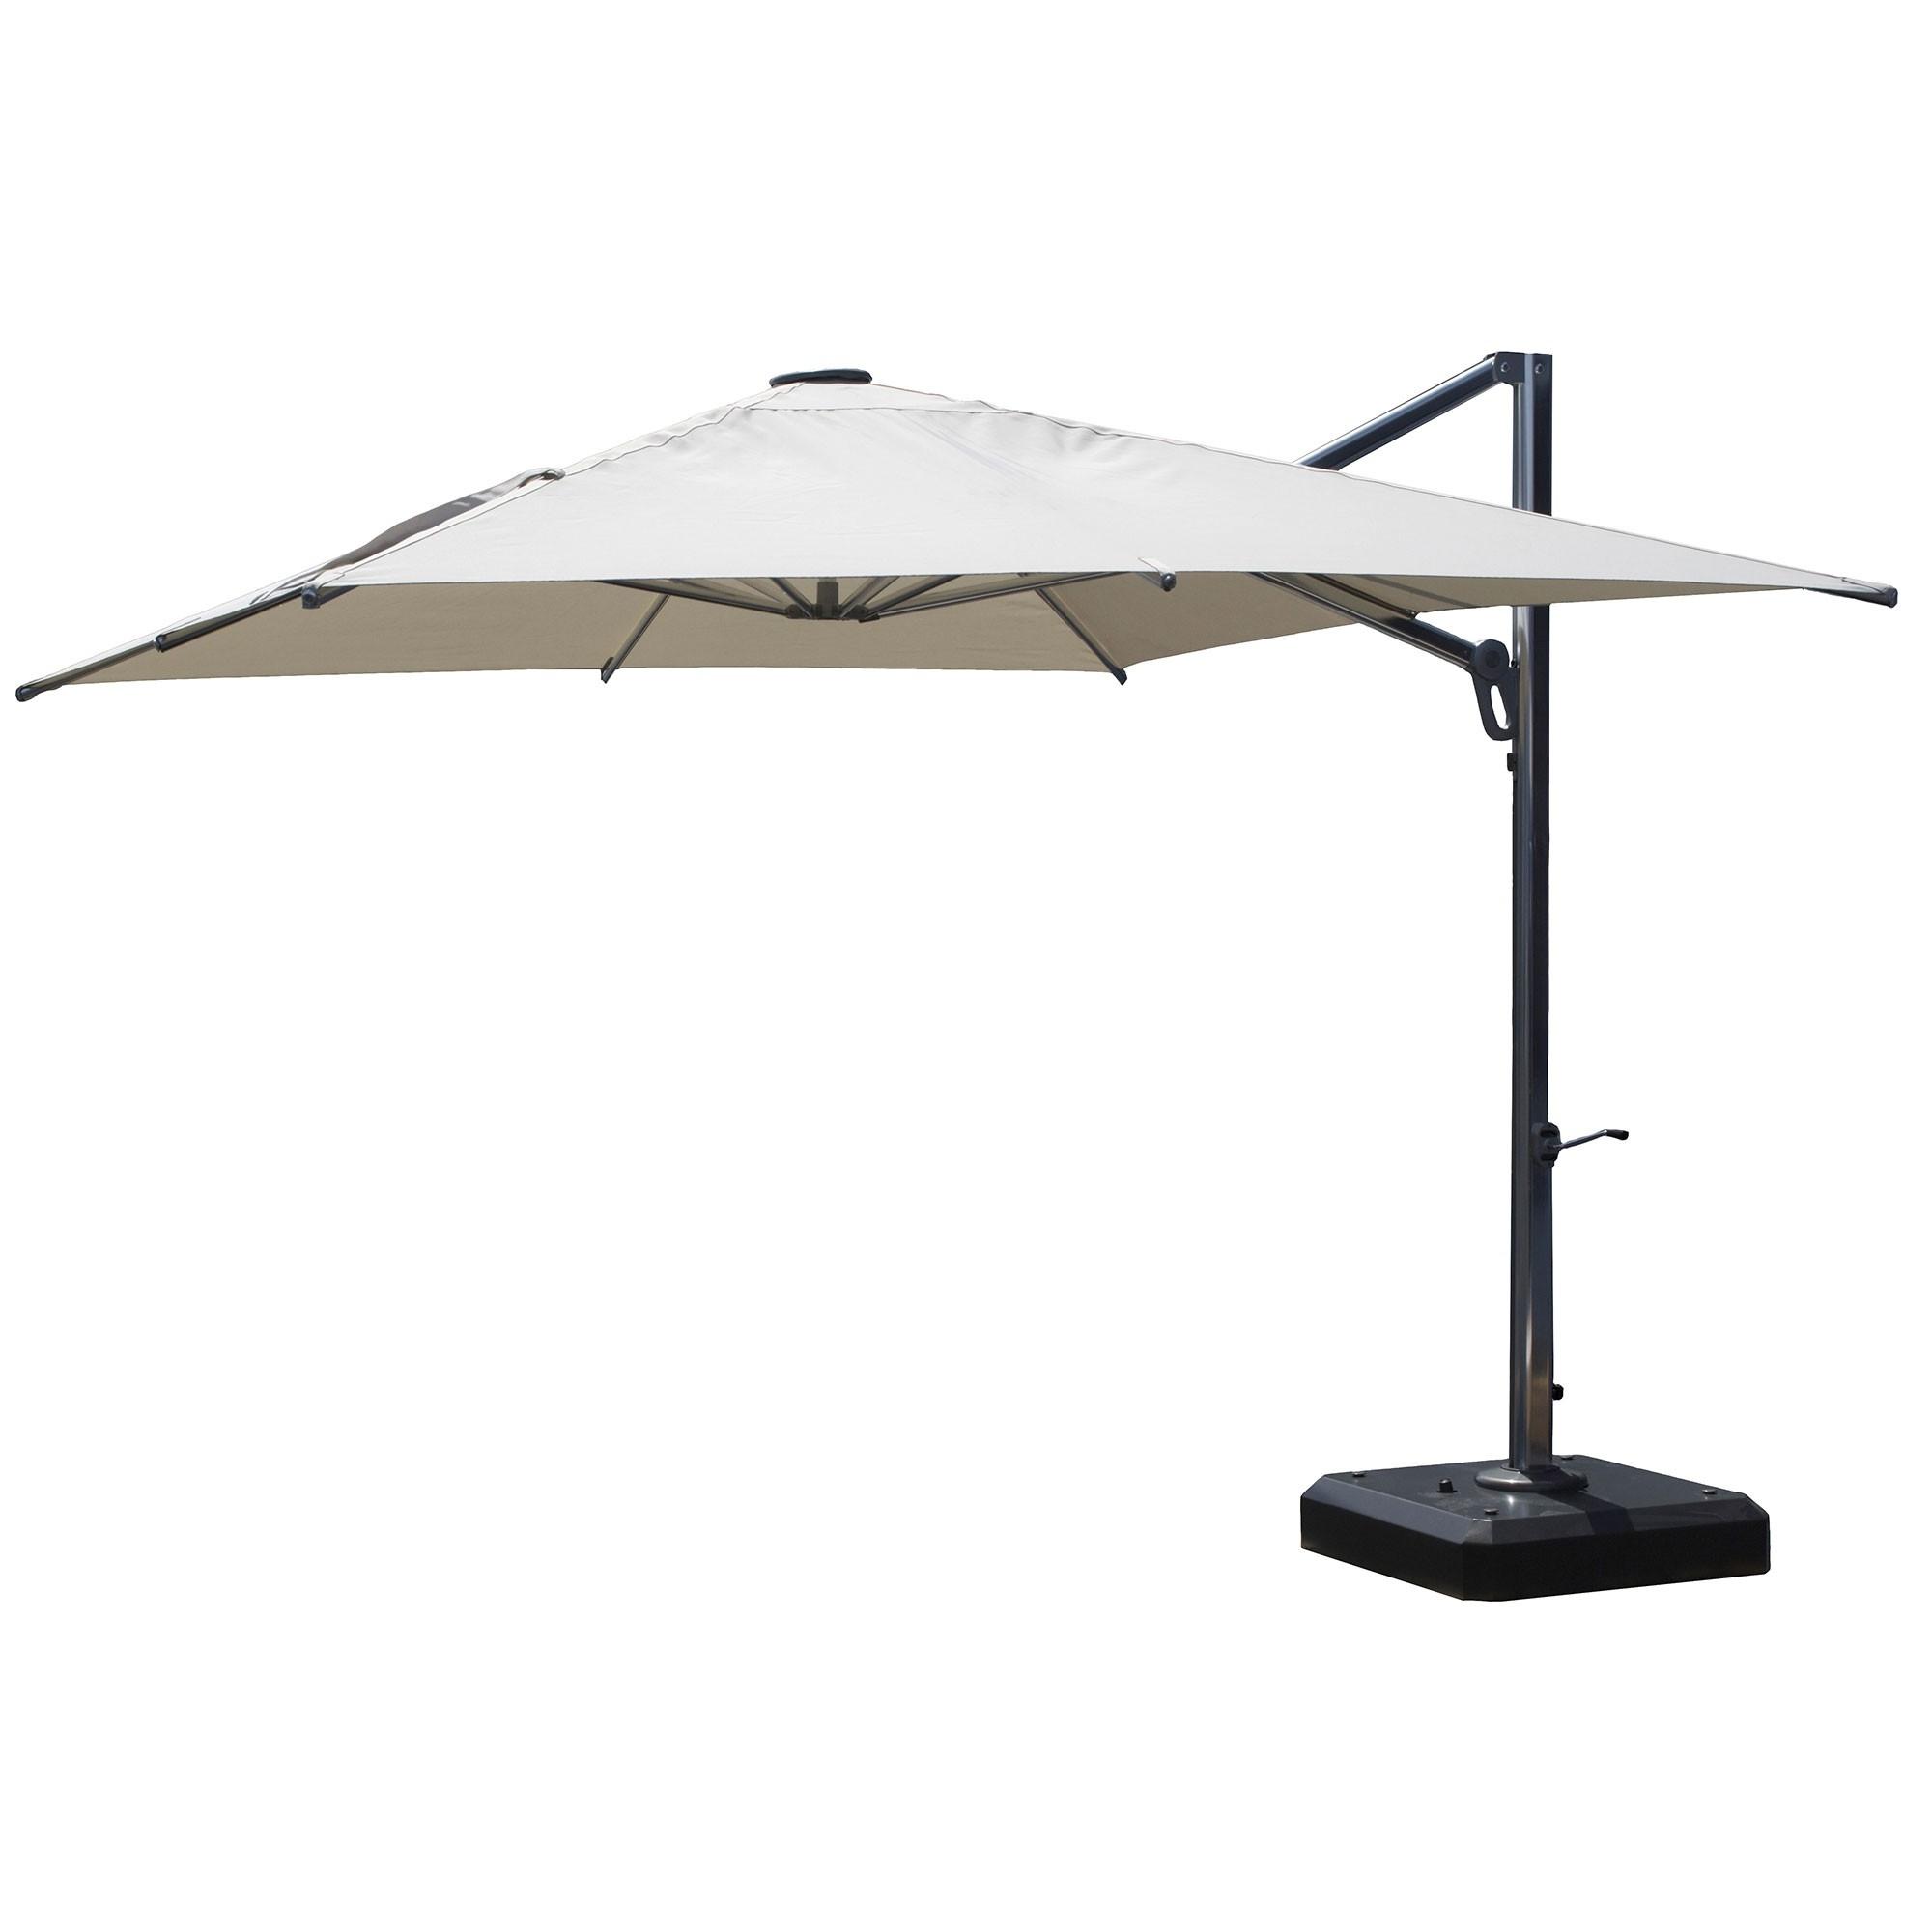 Feruci Patio F52 Pertaining To Famous Commercial Patio Umbrellas Sunbrella (Gallery 20 of 20)